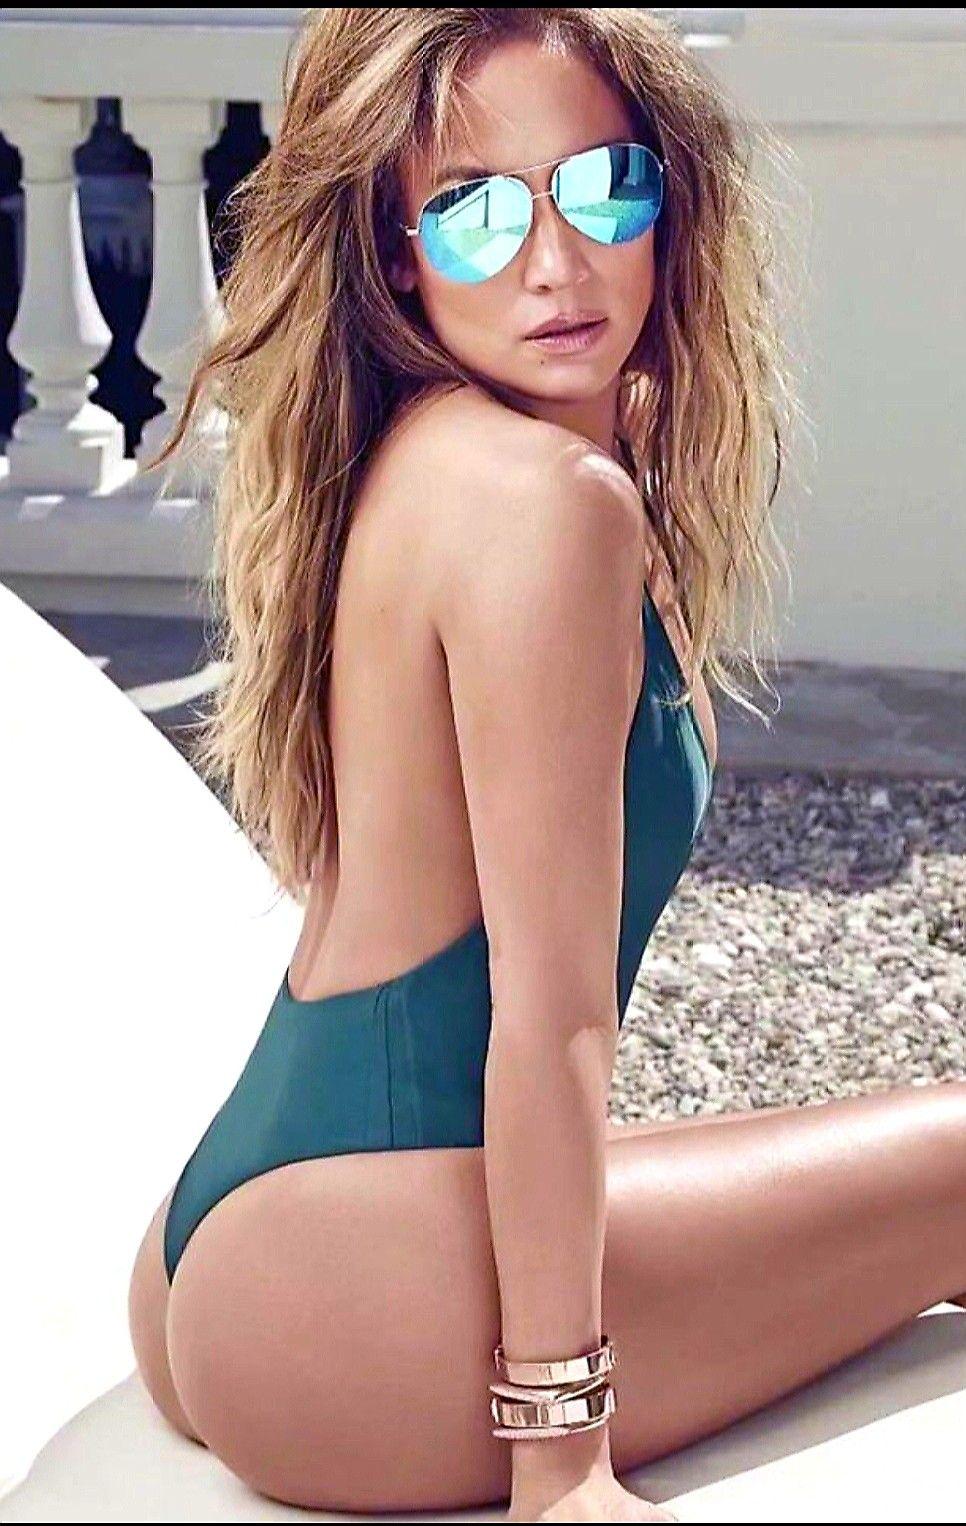 nude (32 photo), Hot Celebrites image